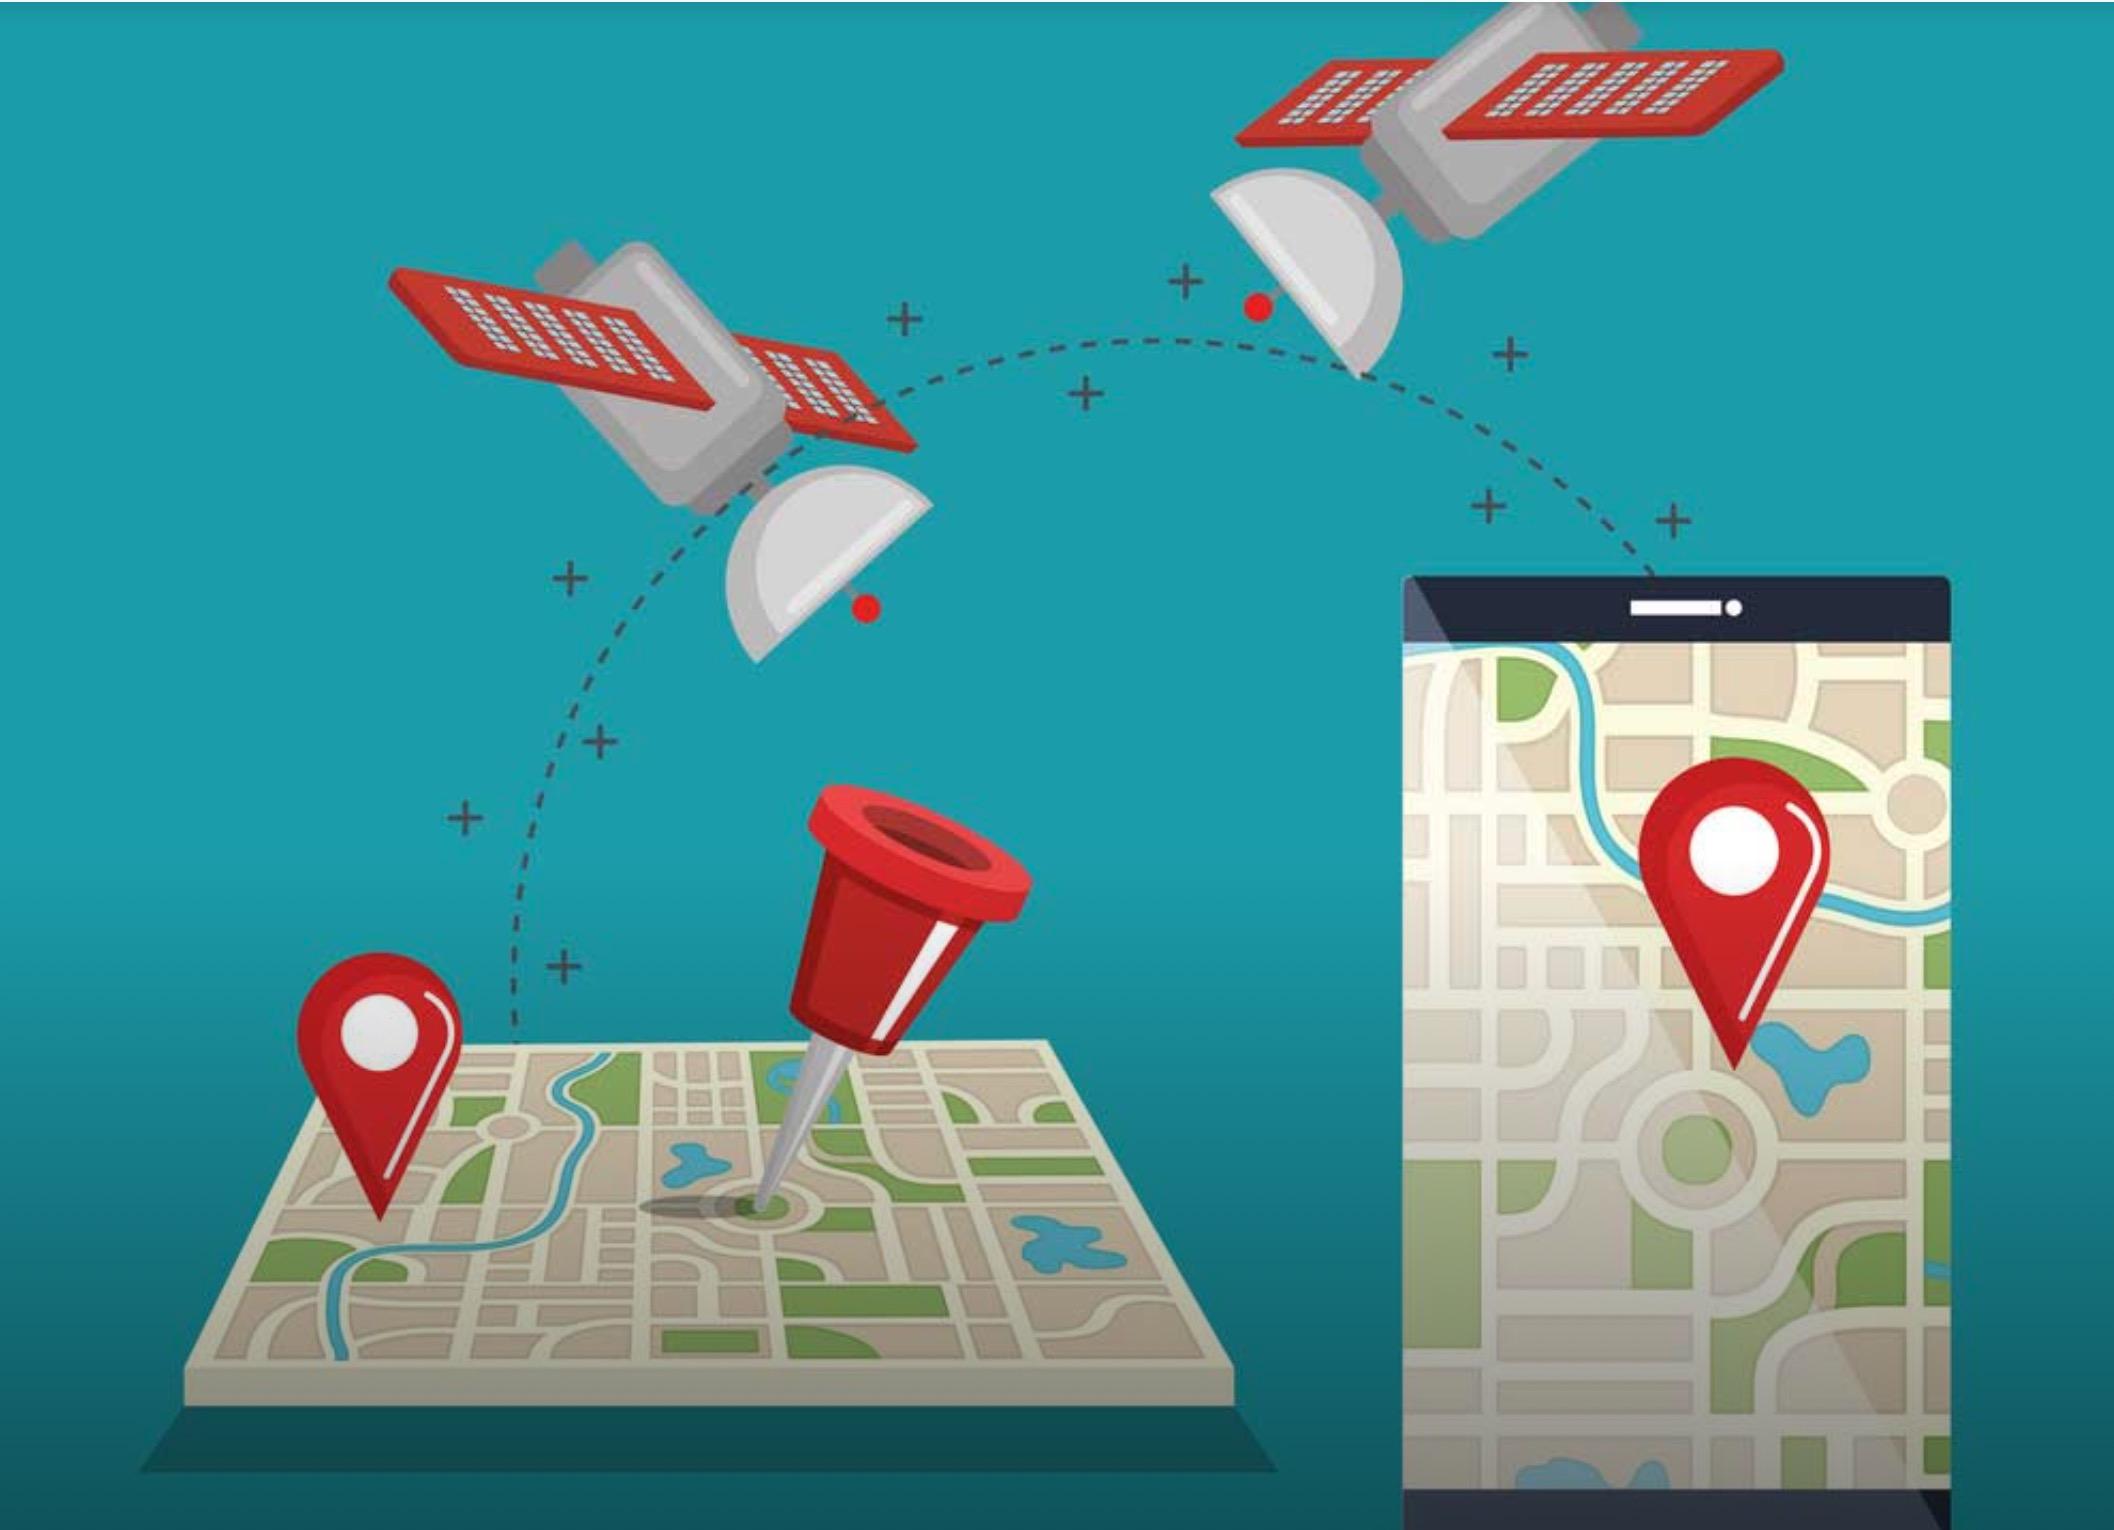 نقشههای آنلاین و نرمافزارهای مسیریاب چگونه کار میکنند؟ / معرفی پنج نرم  افزار مسیریاب آفلاین - تابناک | TABNAK